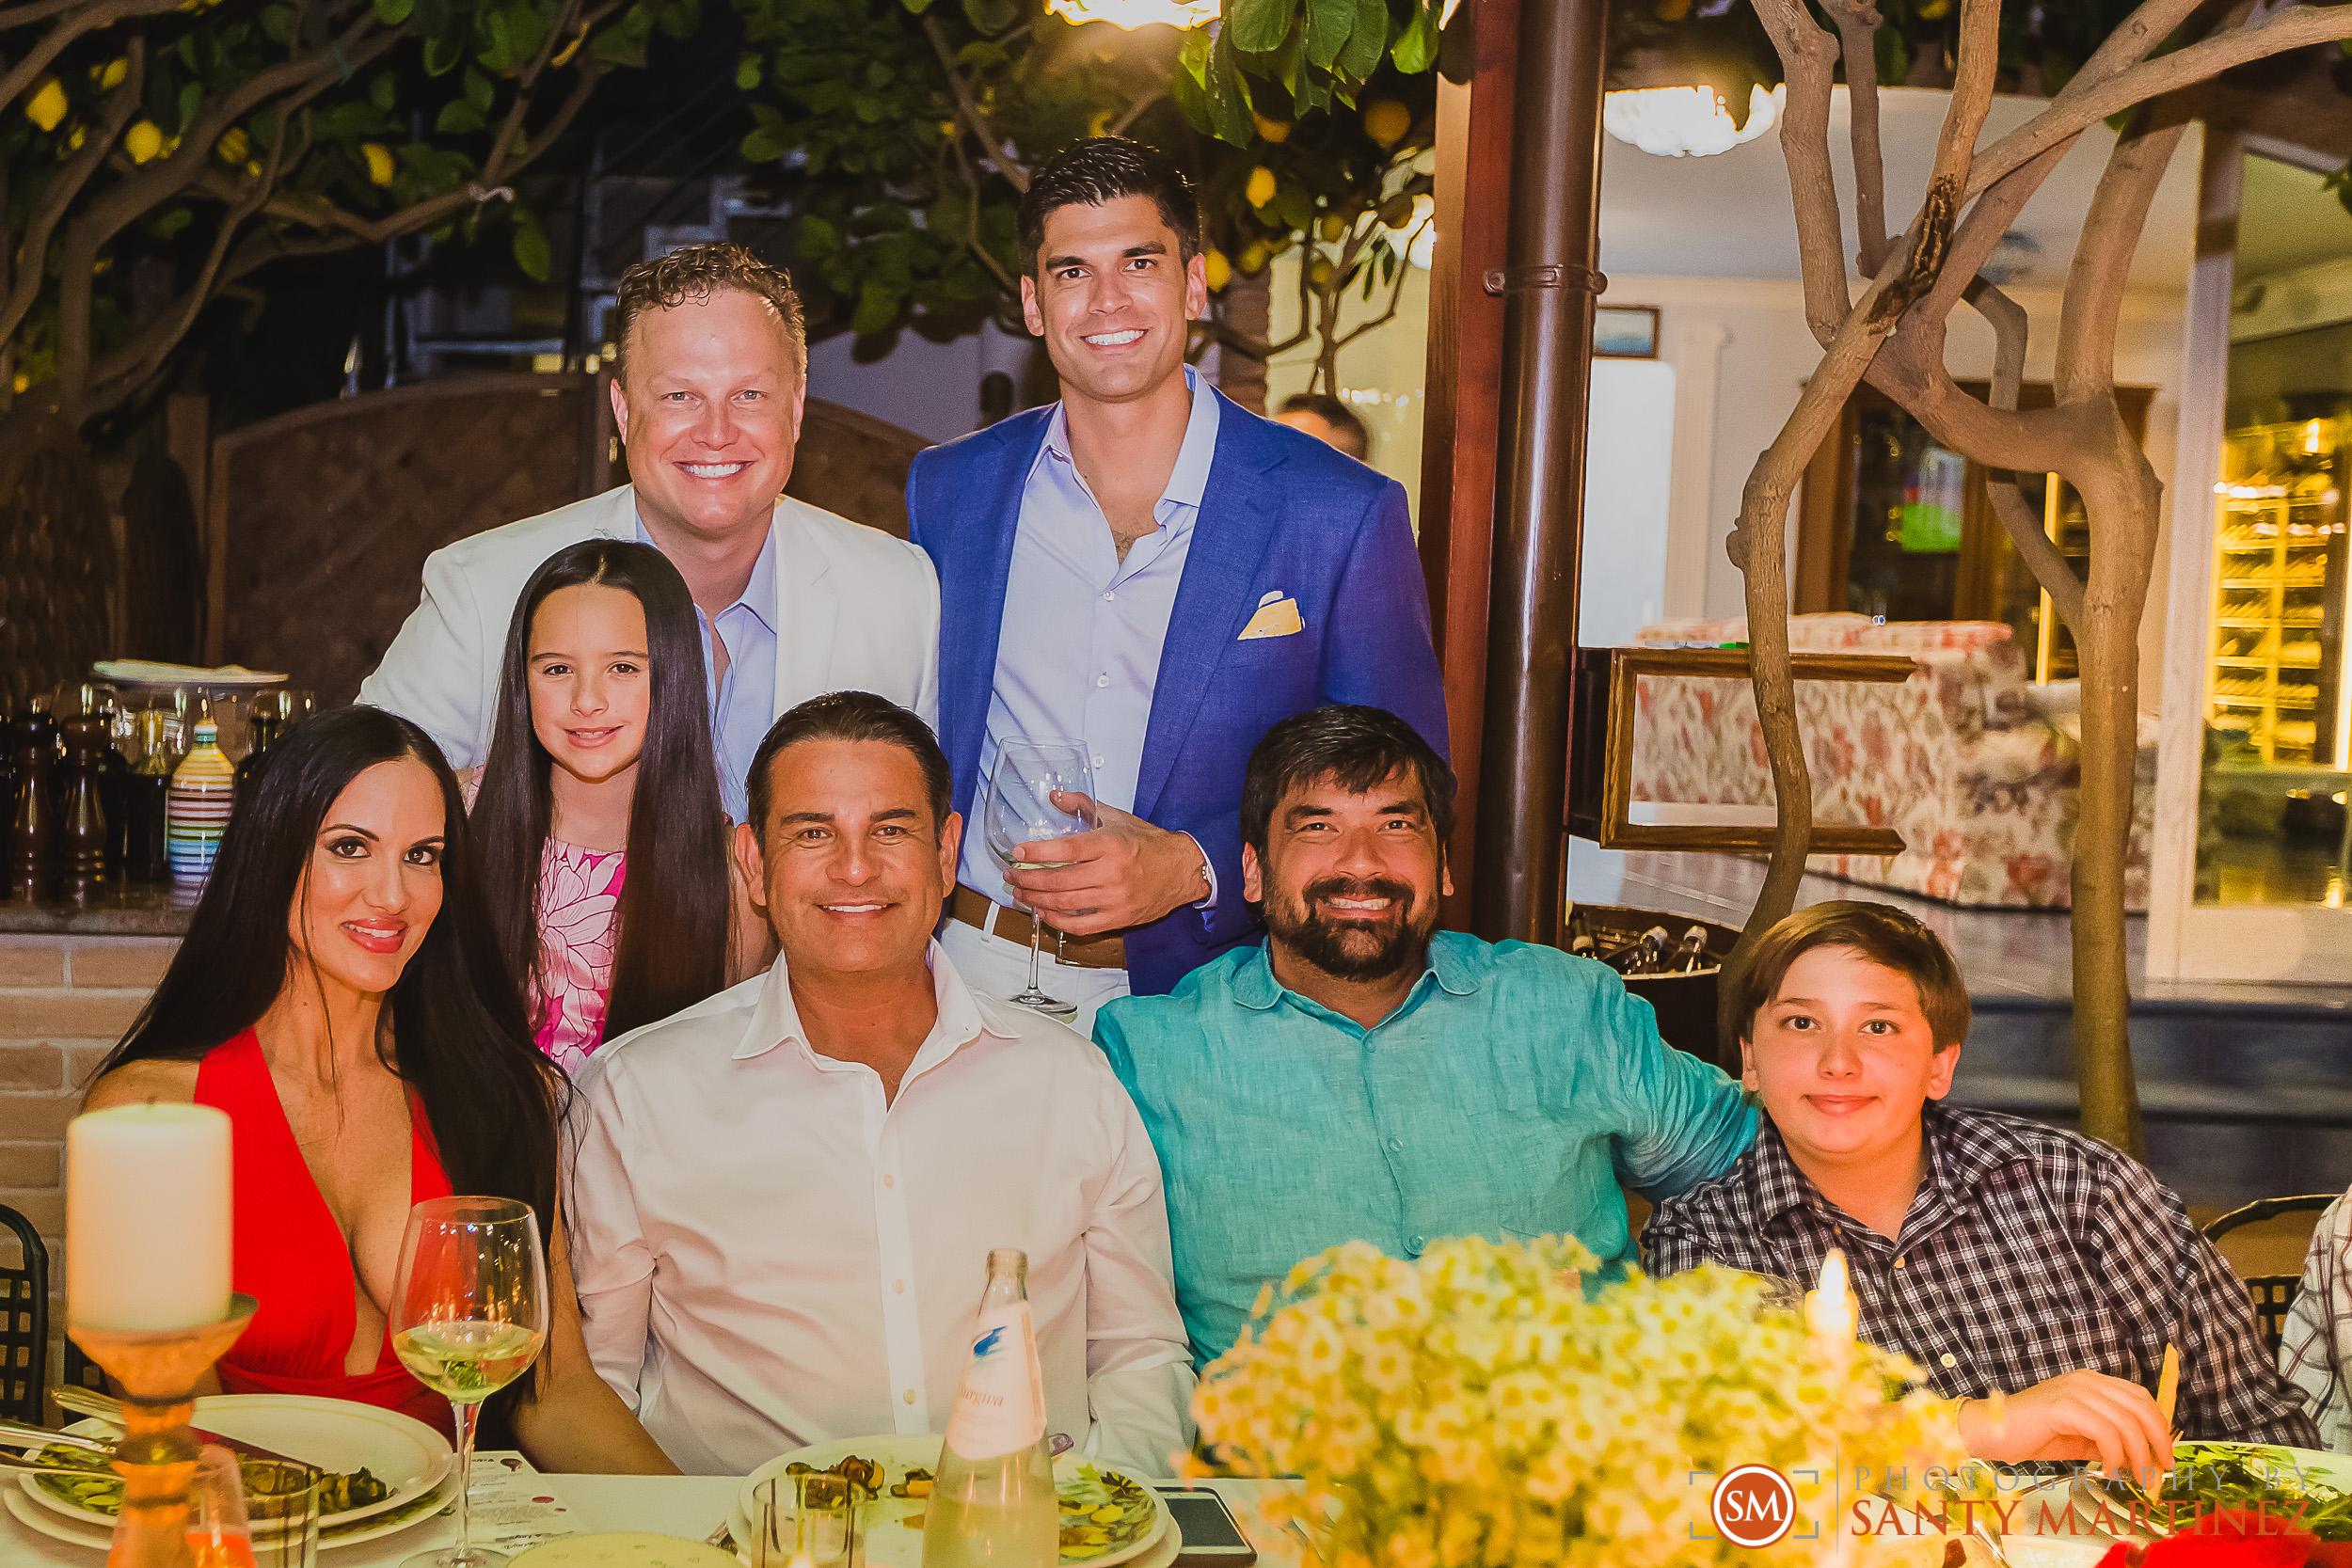 Capri Italy Wedding - Santy Martinez-37.jpg